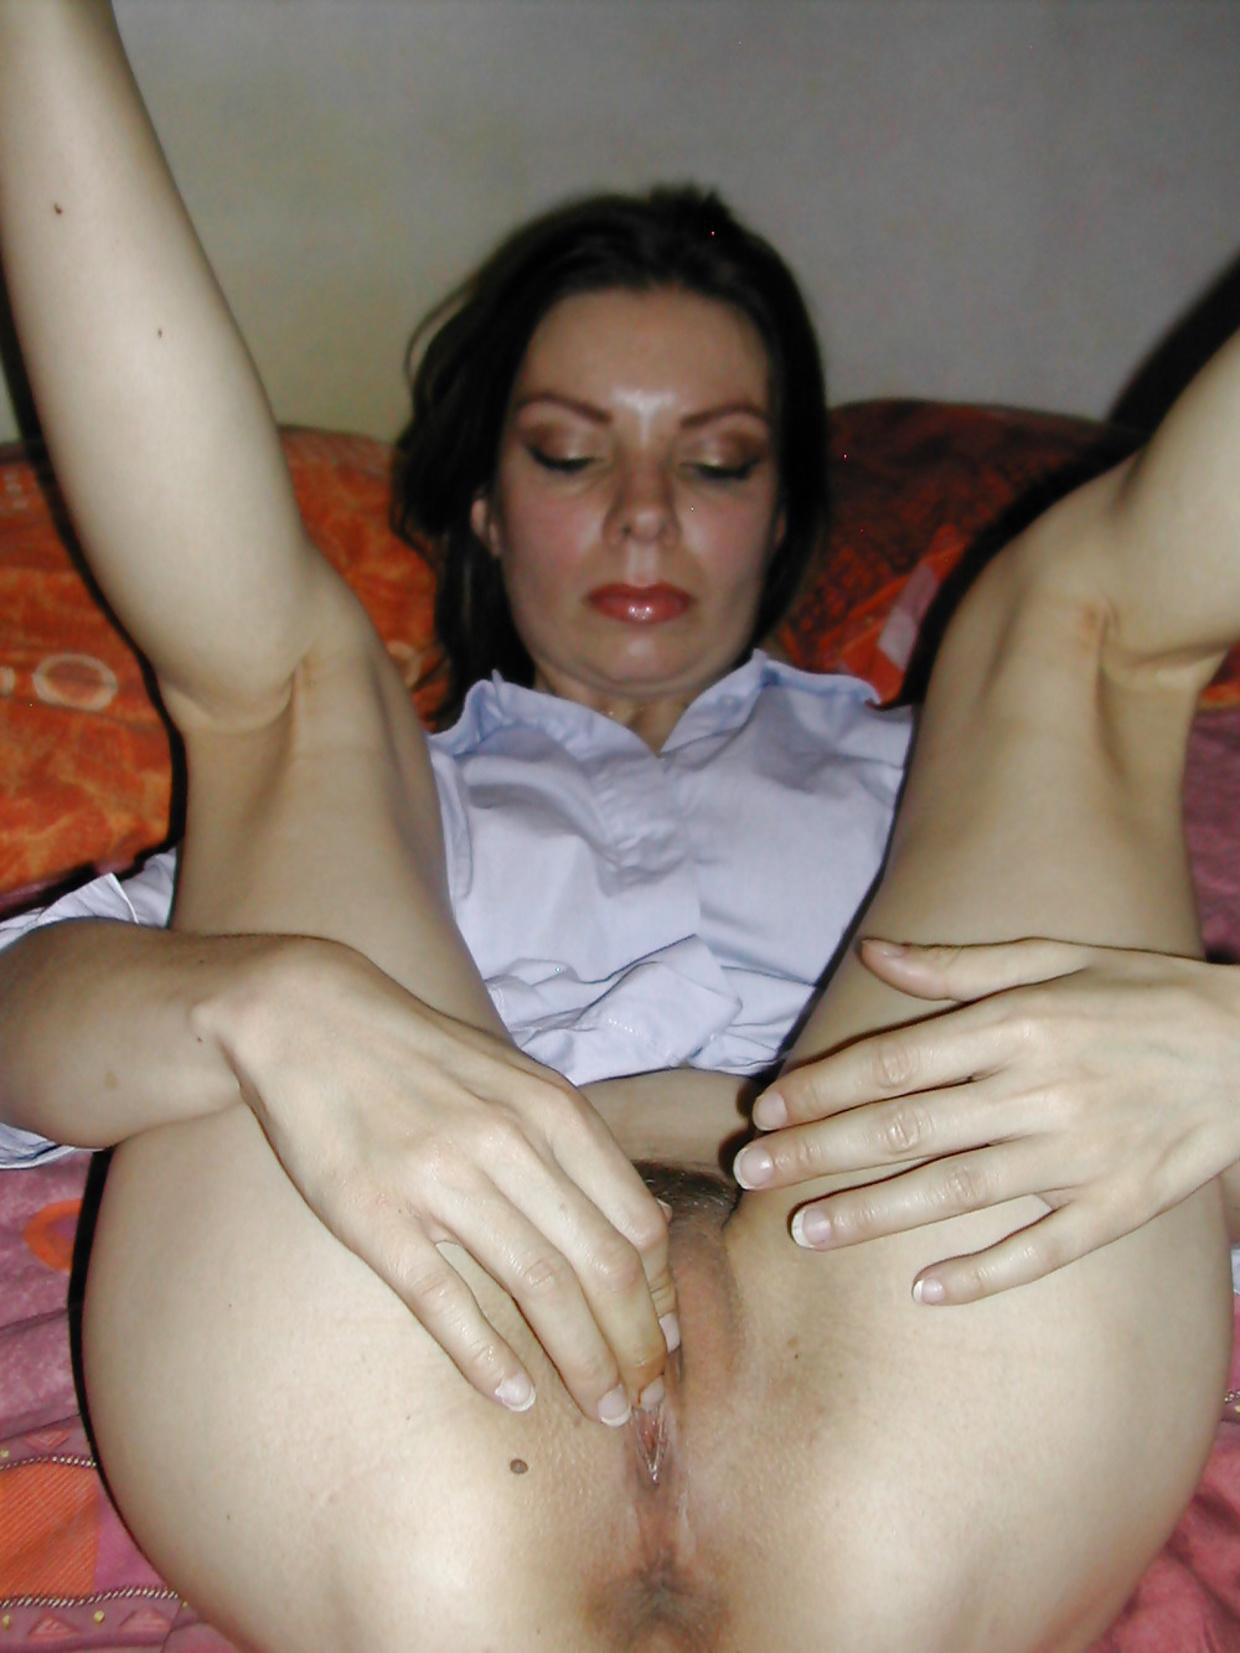 Тетка в белоснежной рубашке в спальне бахвалится красивой вагиной